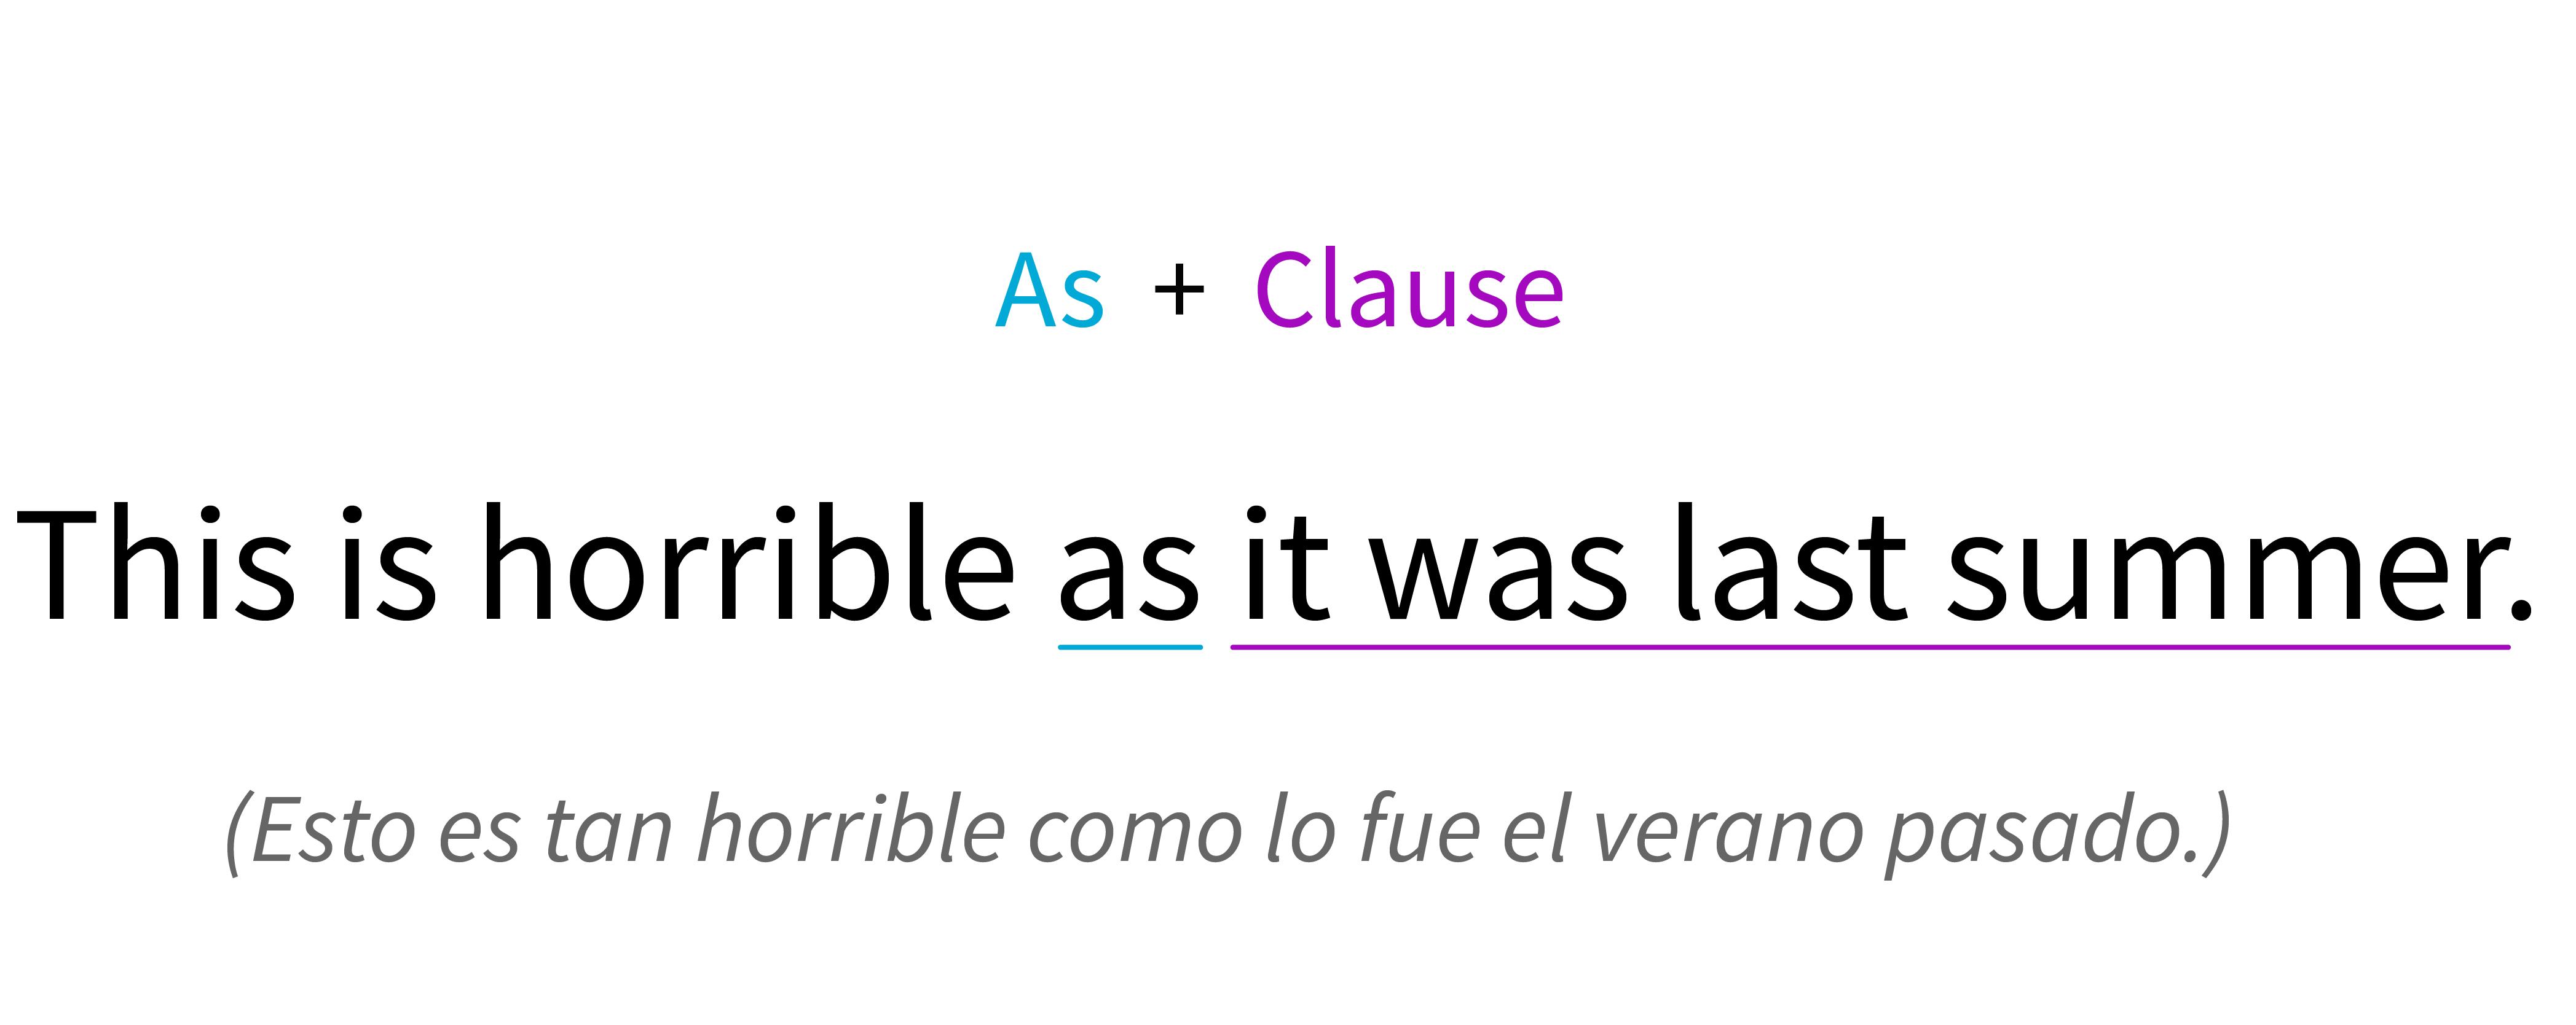 Fórmula para realizar una oración utilizando like y una frase o cláusula.